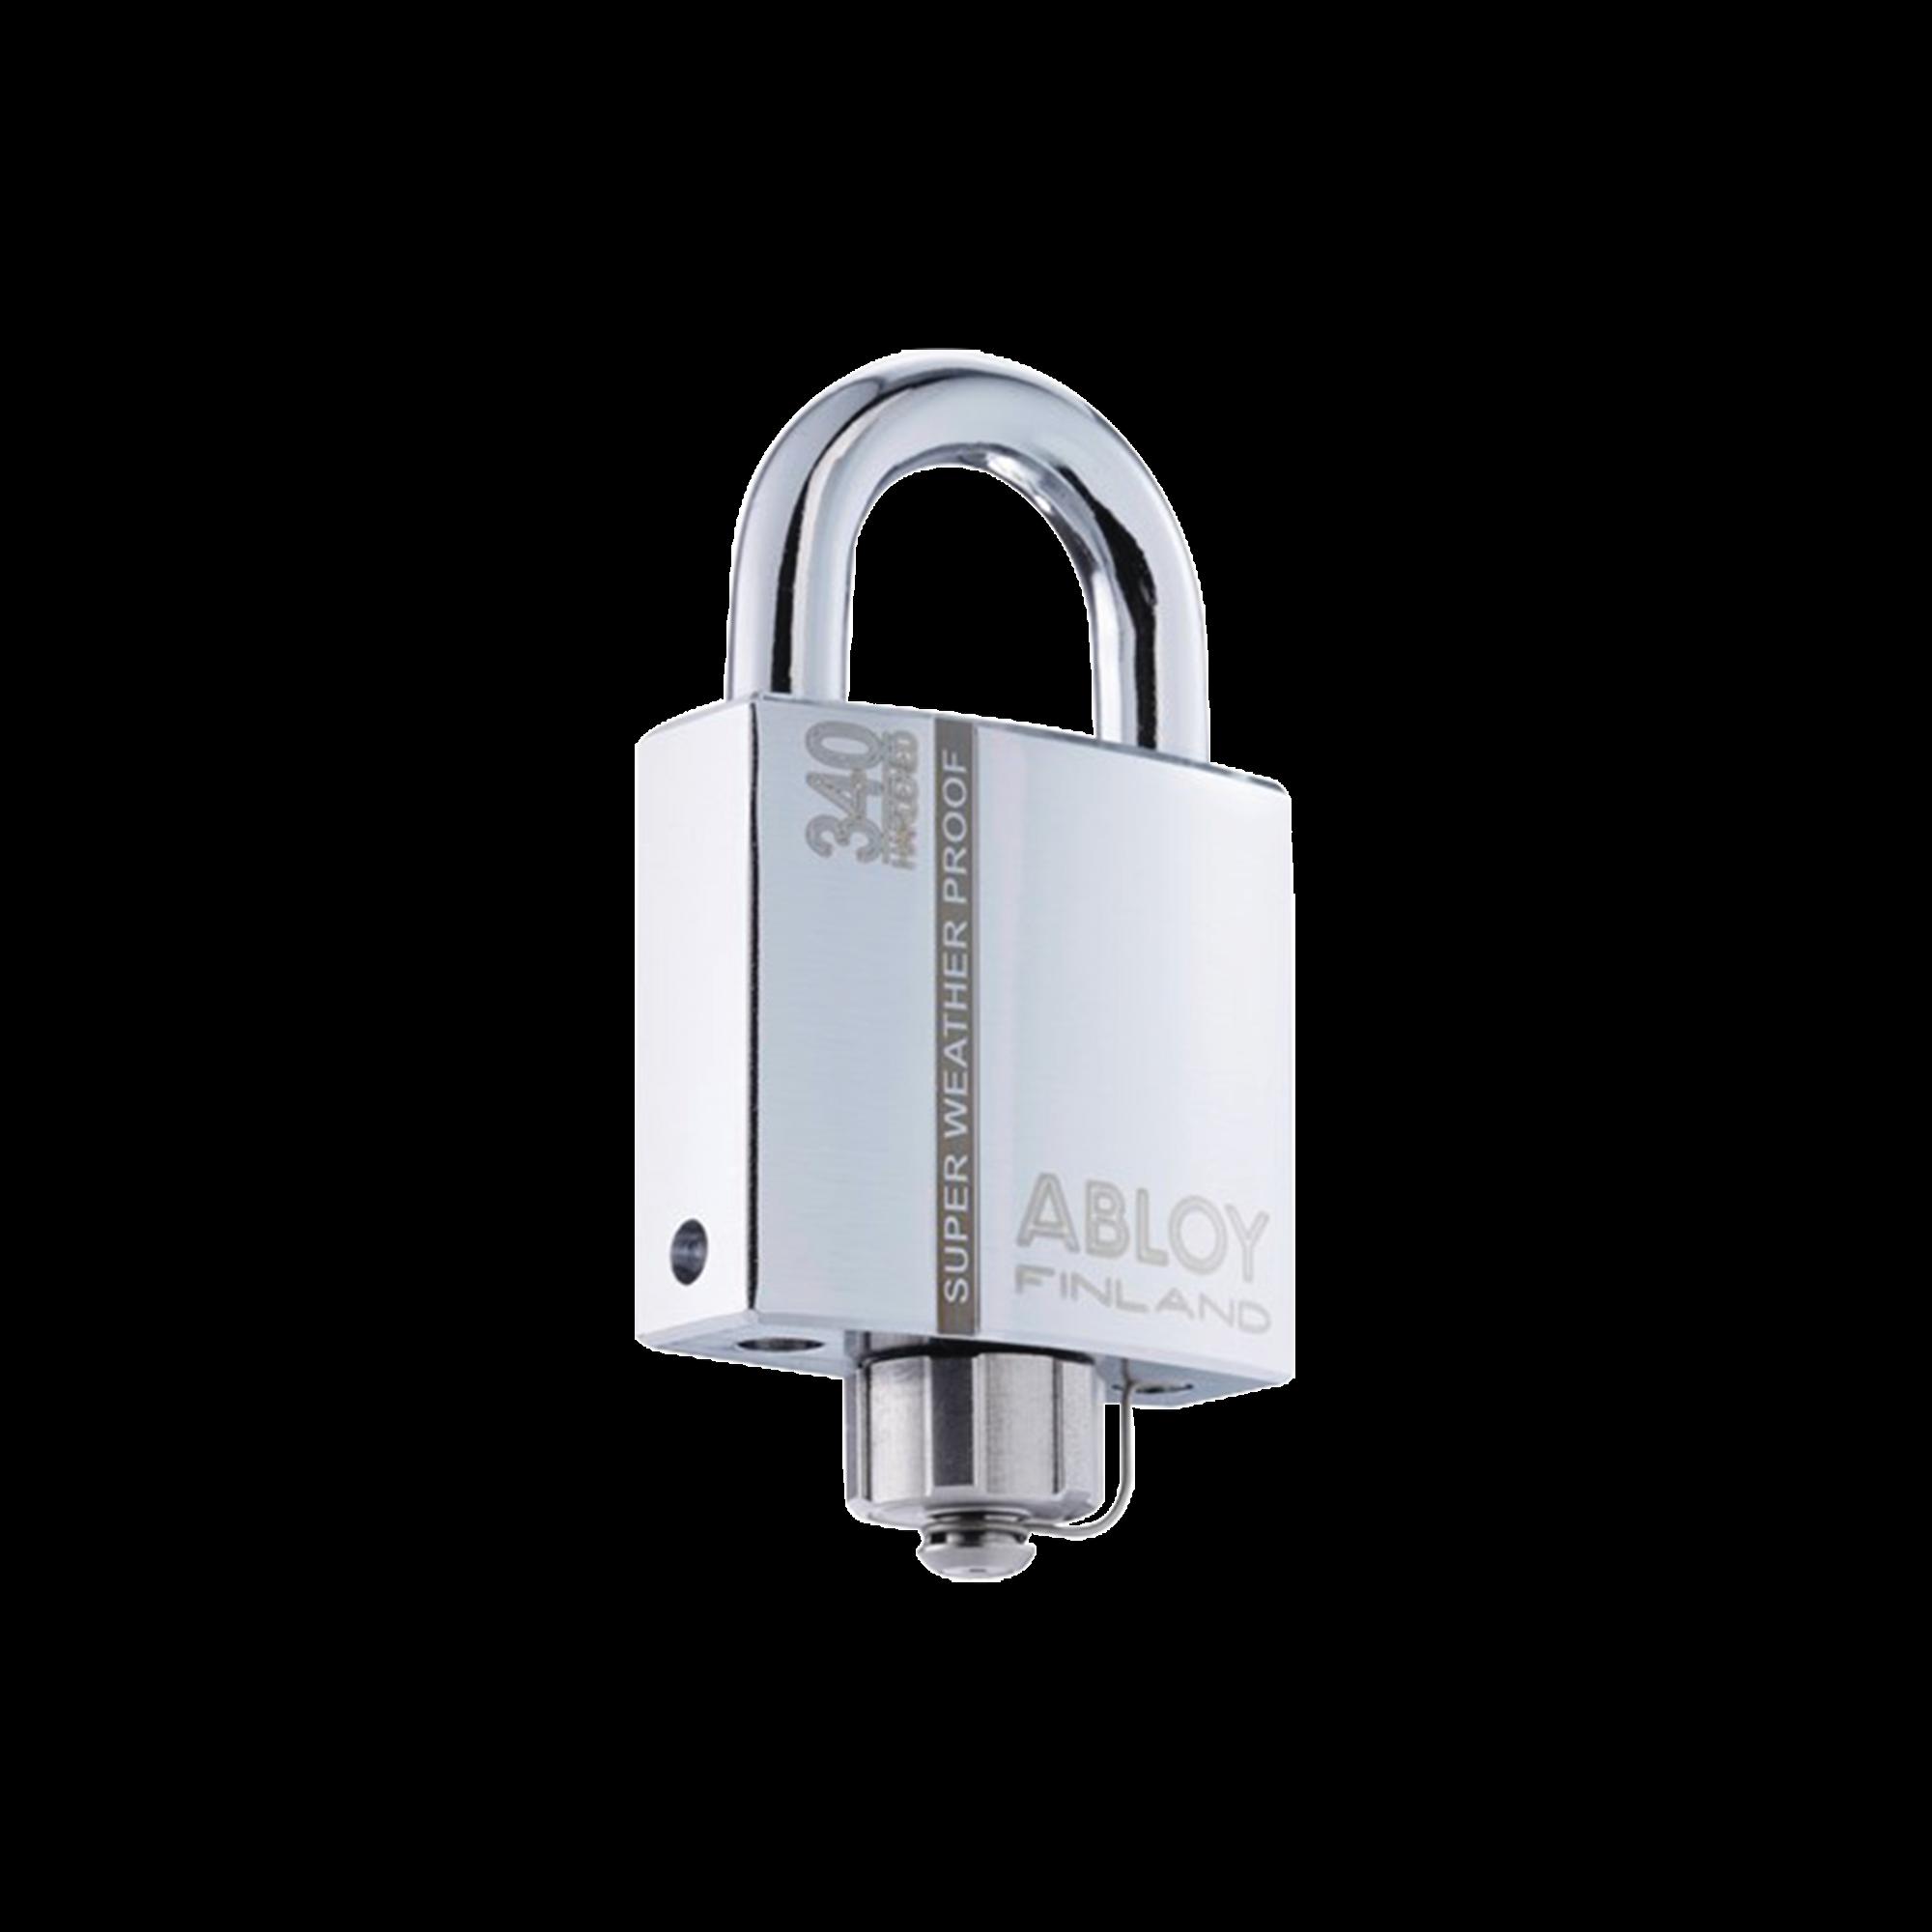 Candado Abloy / Grado 4 de Seguridad / Arco de 25 mm / Tapa Protectora / Sello Impermeable